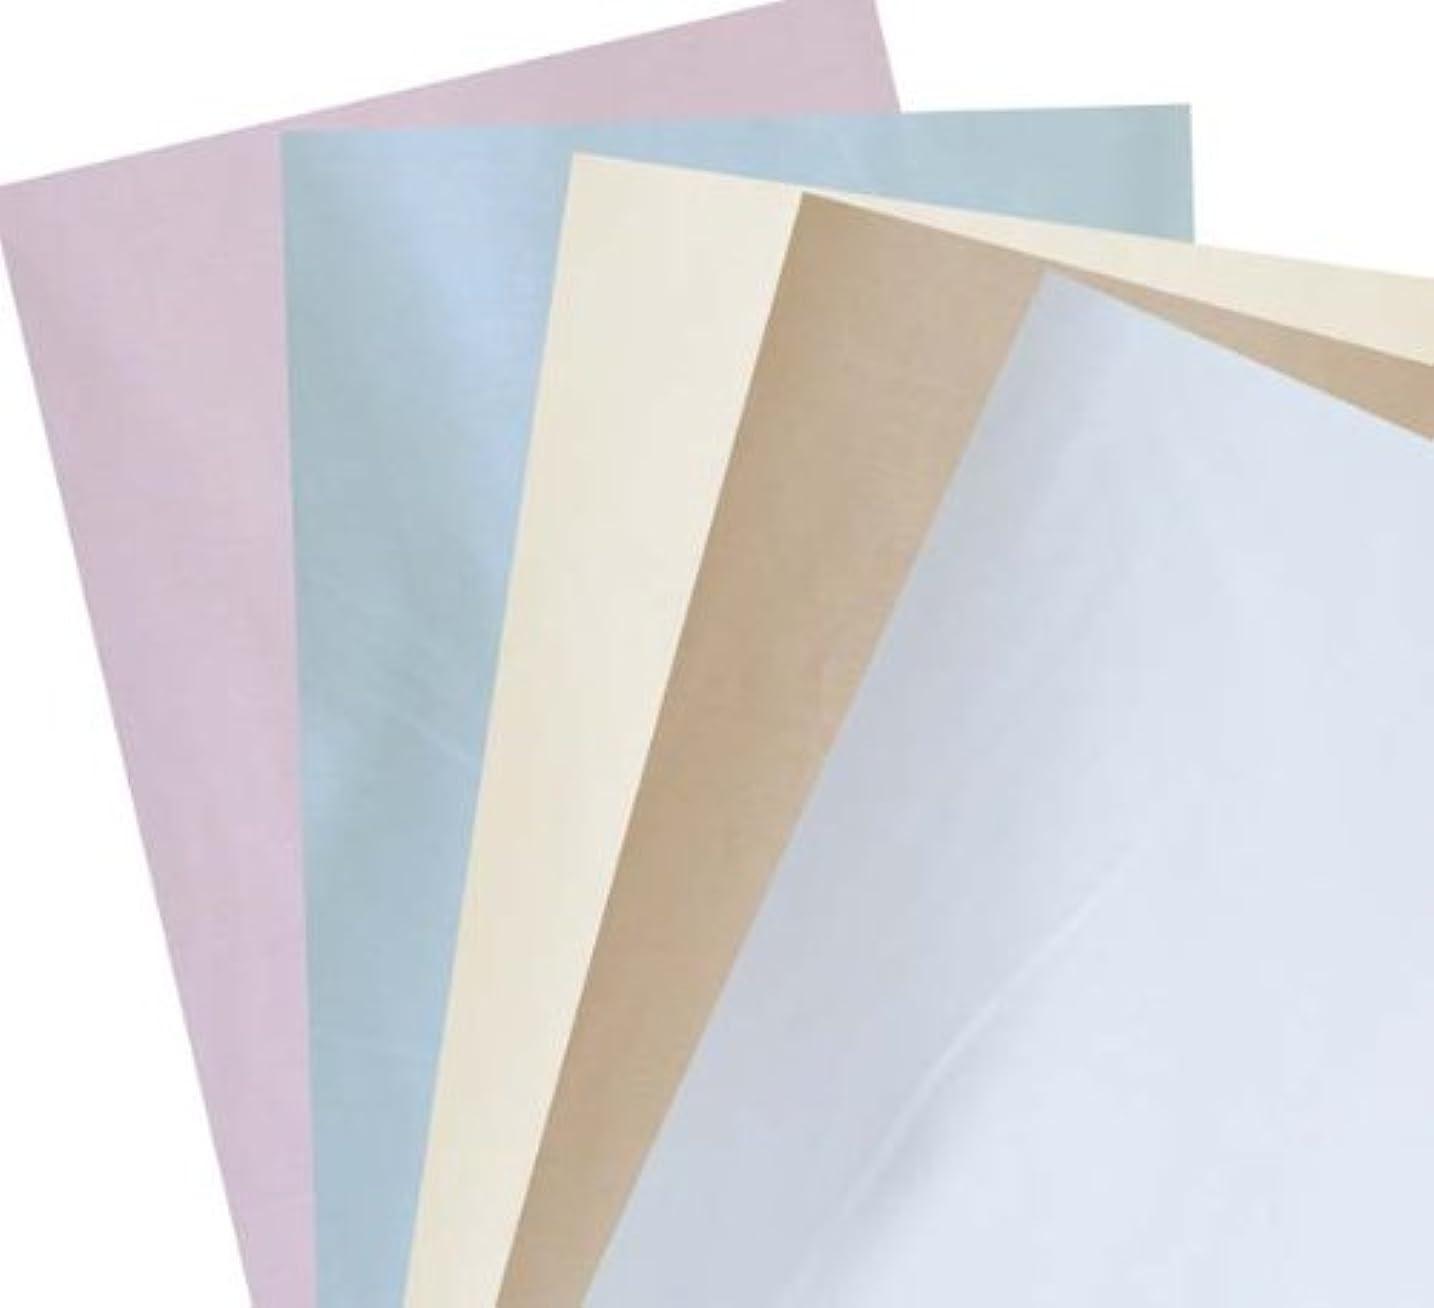 識別め言葉昨日アルファソフト 防ダニ 高密度 敷布団カバー シングル 105×215cm A色ピンク